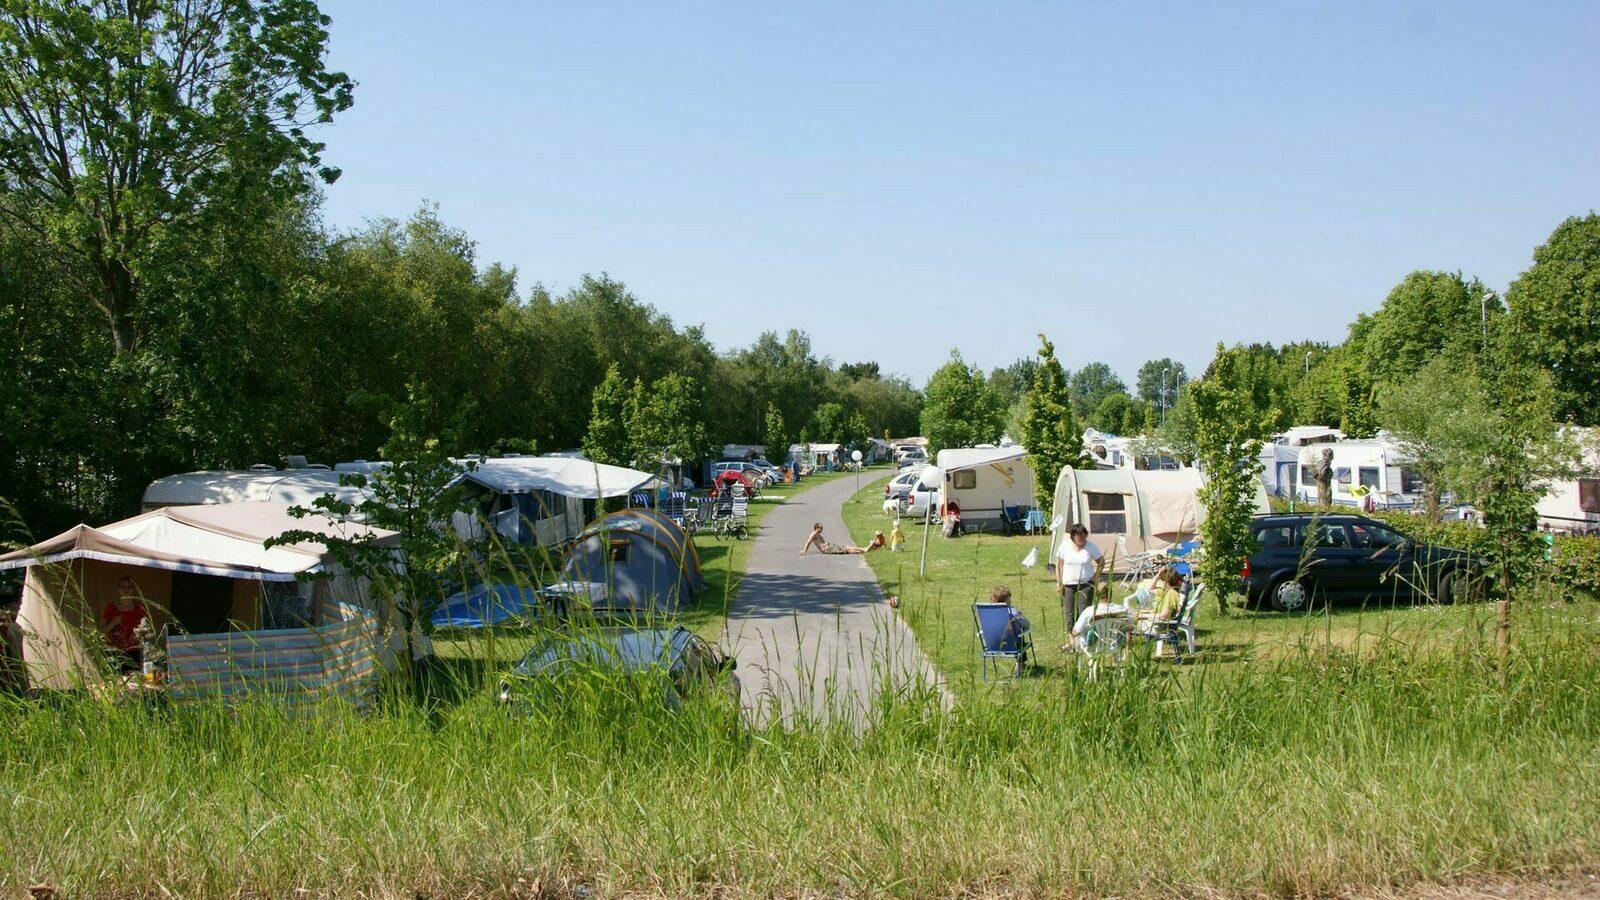 Kompas Camping